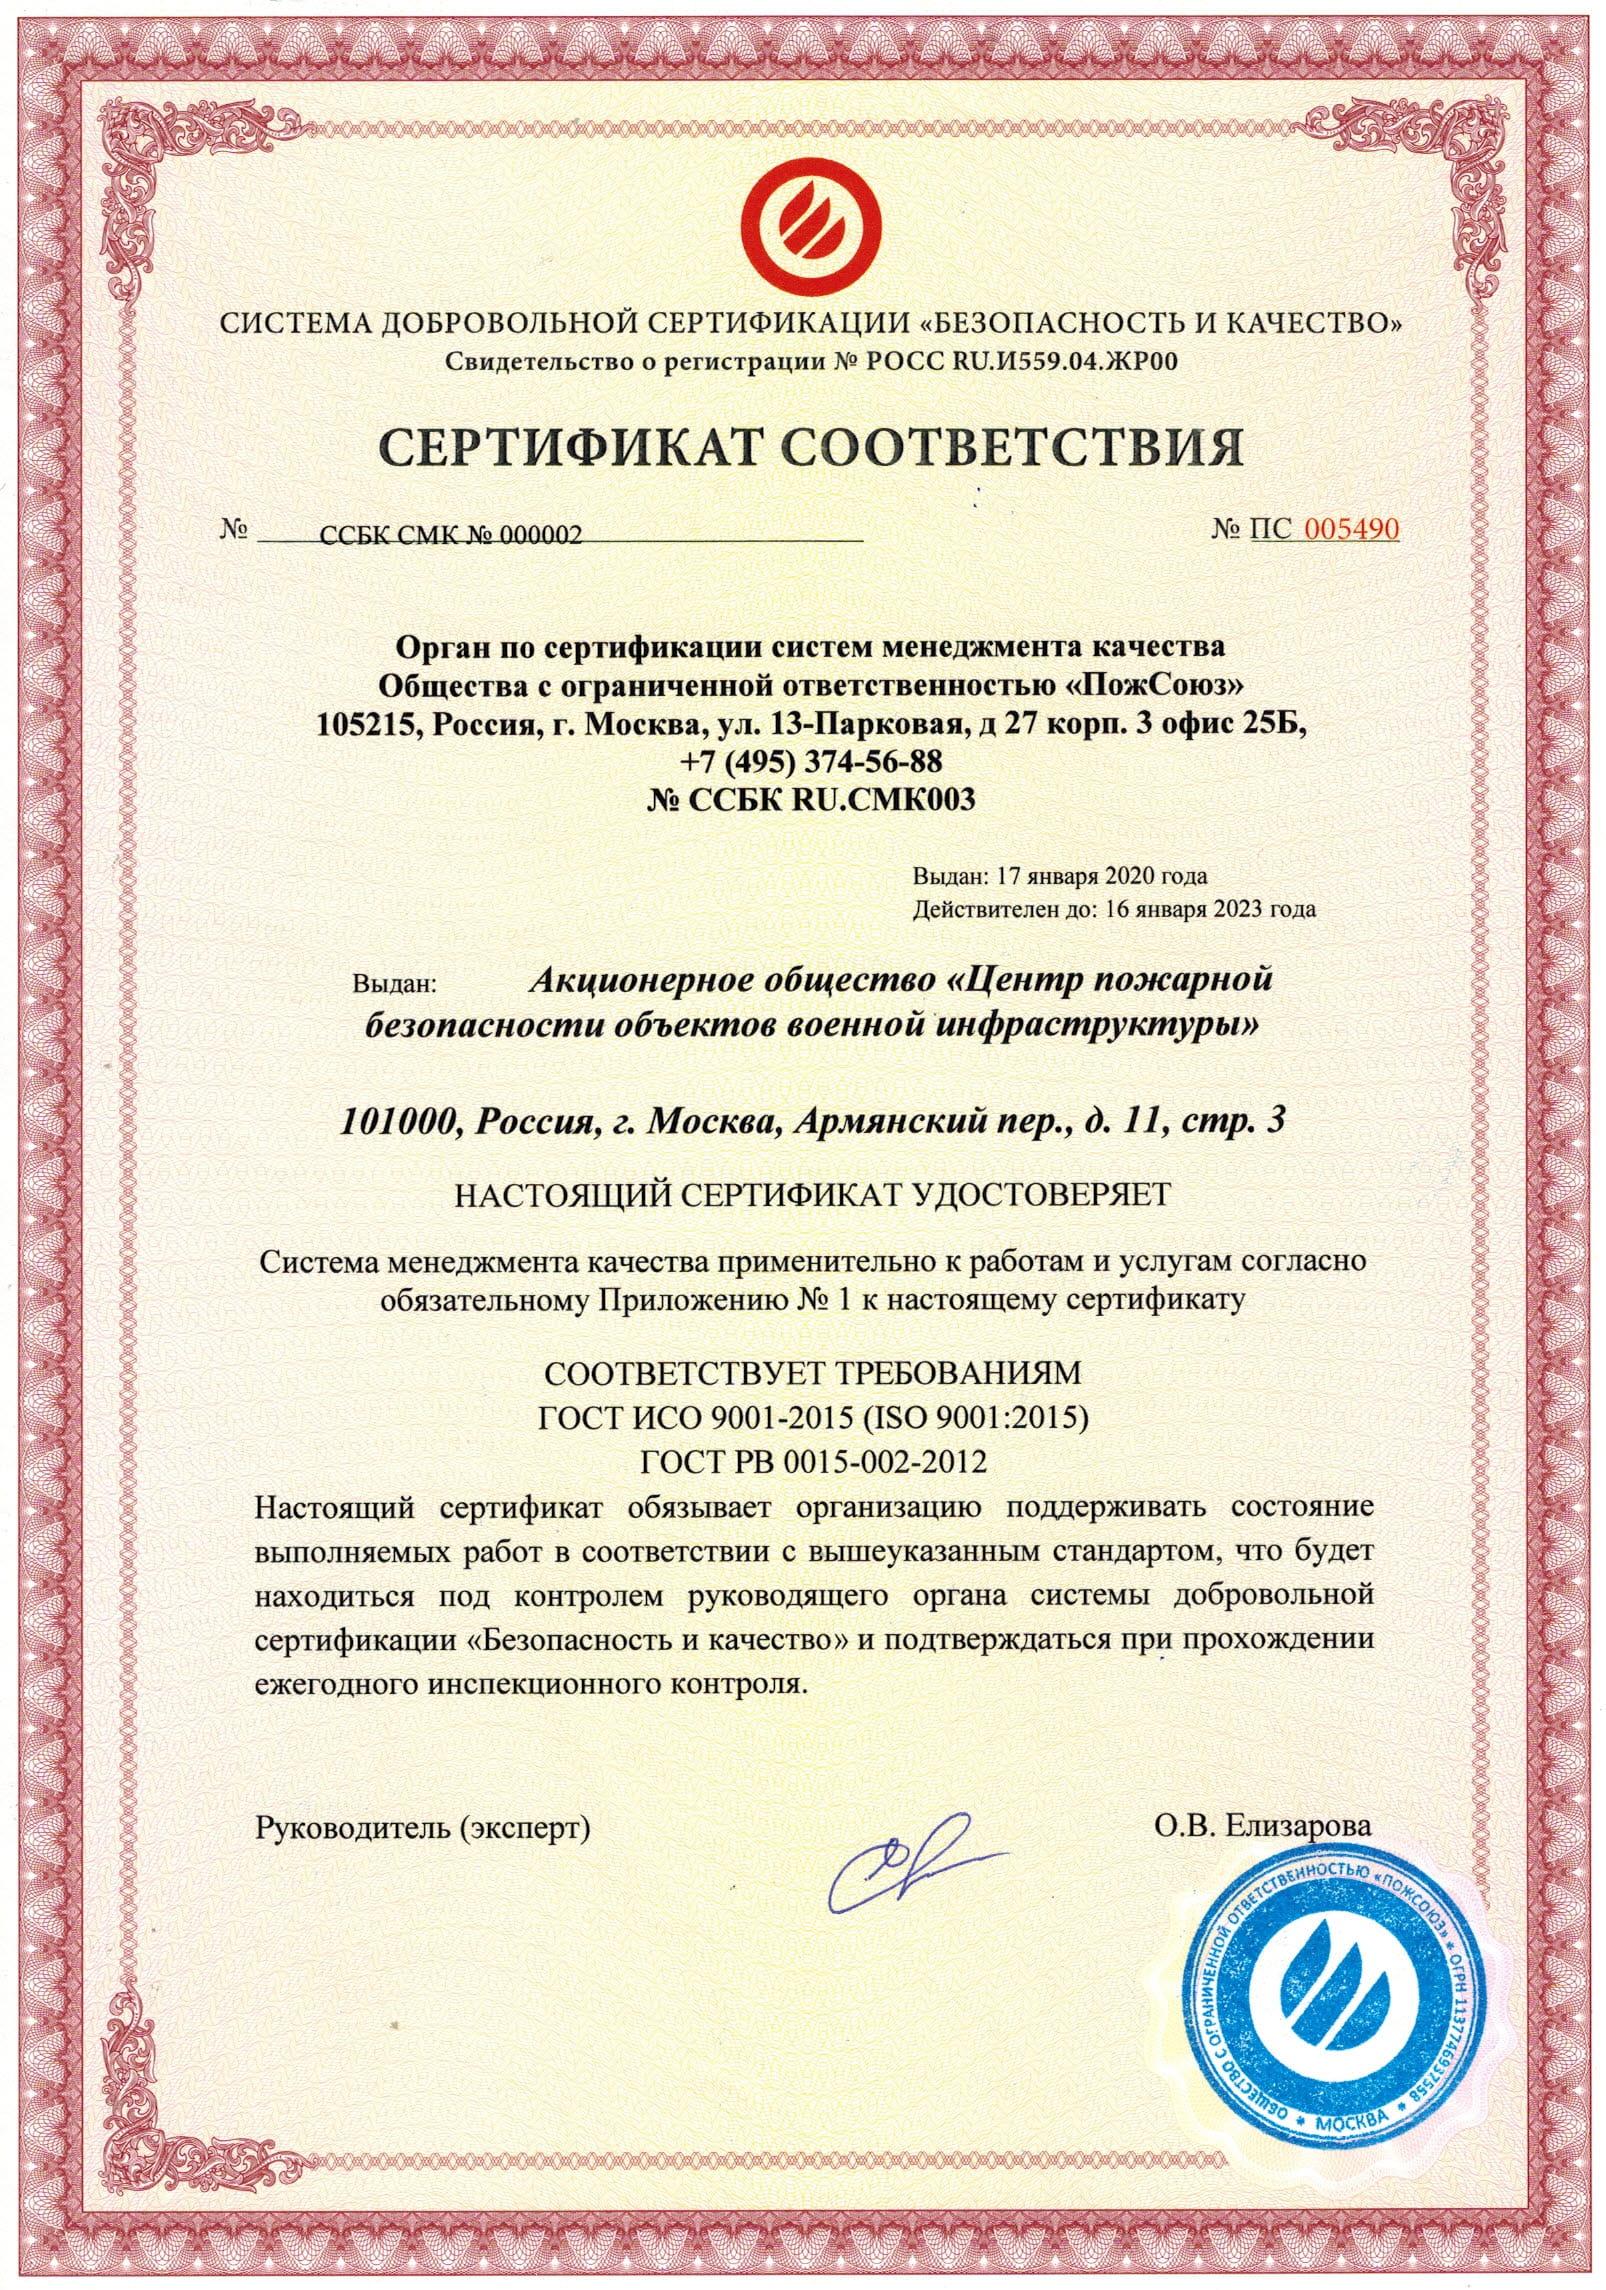 Сертификат соответствия СМК